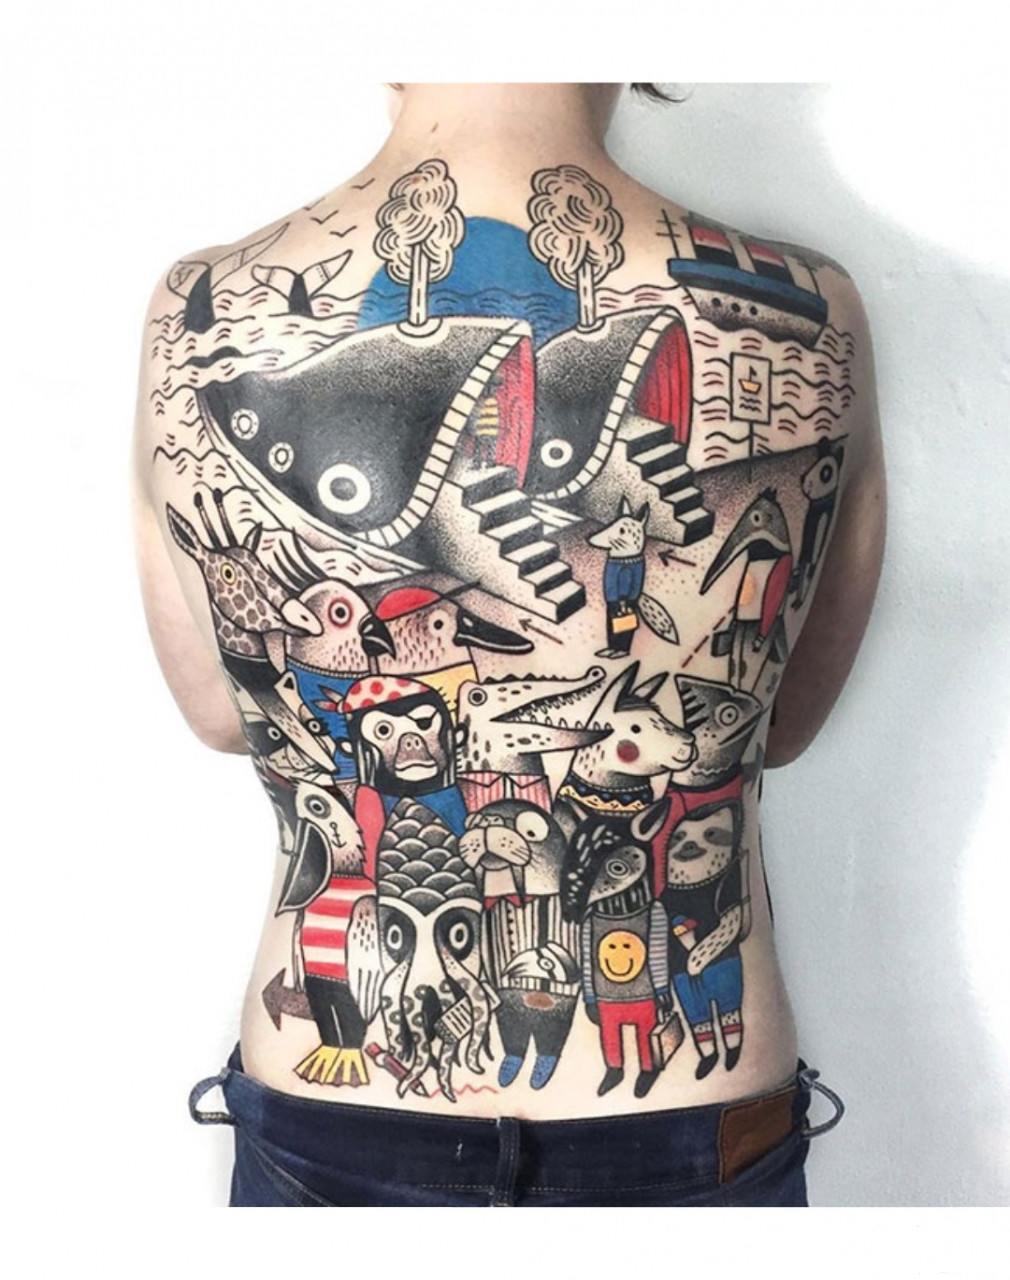 134817 - Татуировки